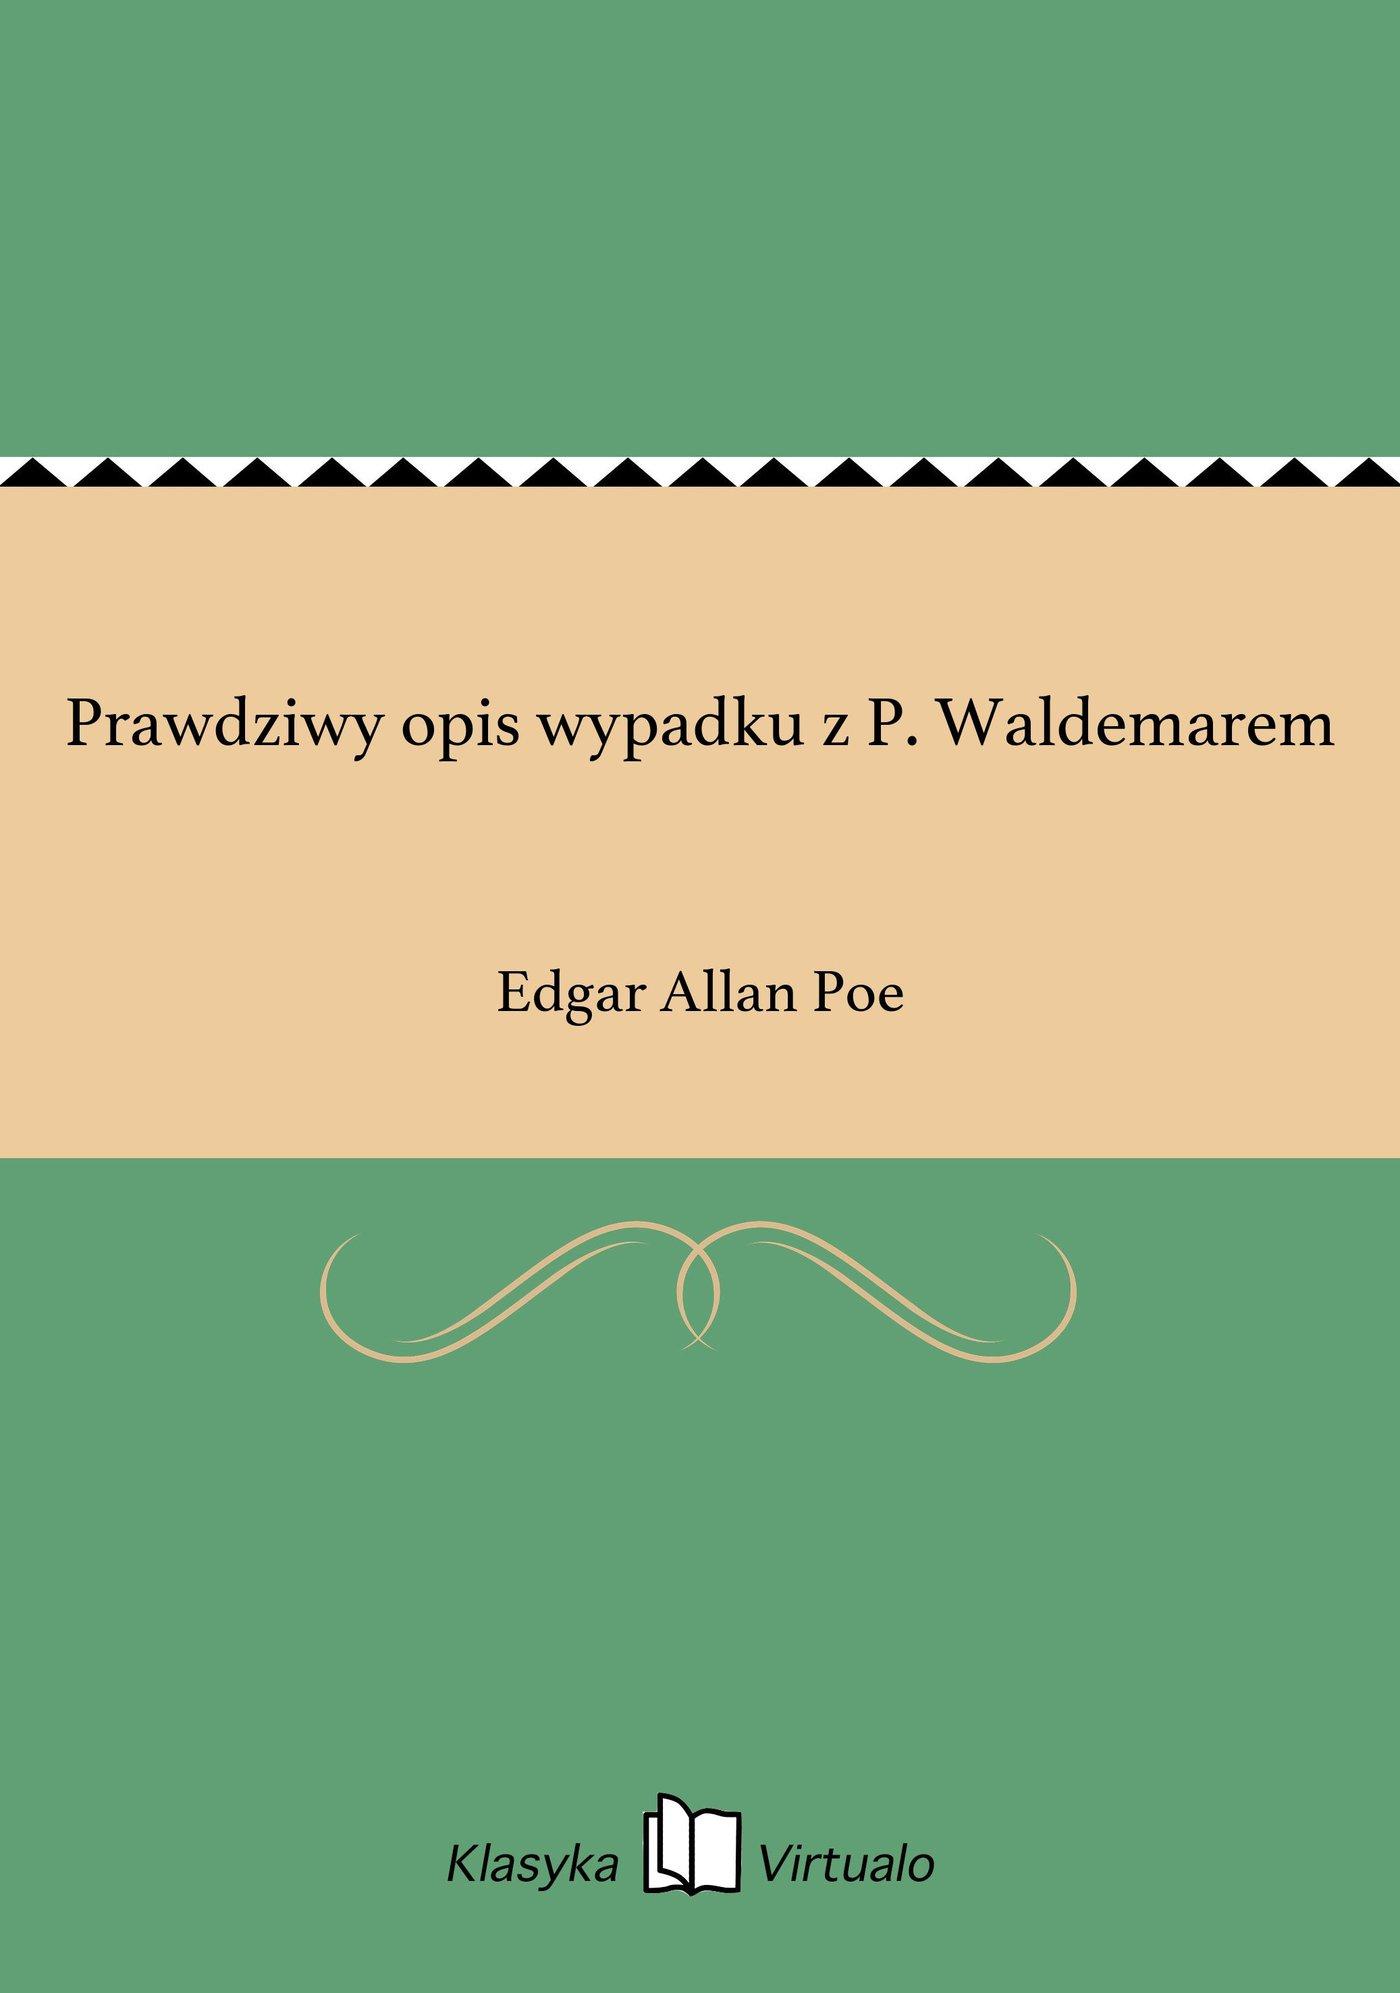 Prawdziwy opis wypadku z P. Waldemarem - Ebook (Książka EPUB) do pobrania w formacie EPUB